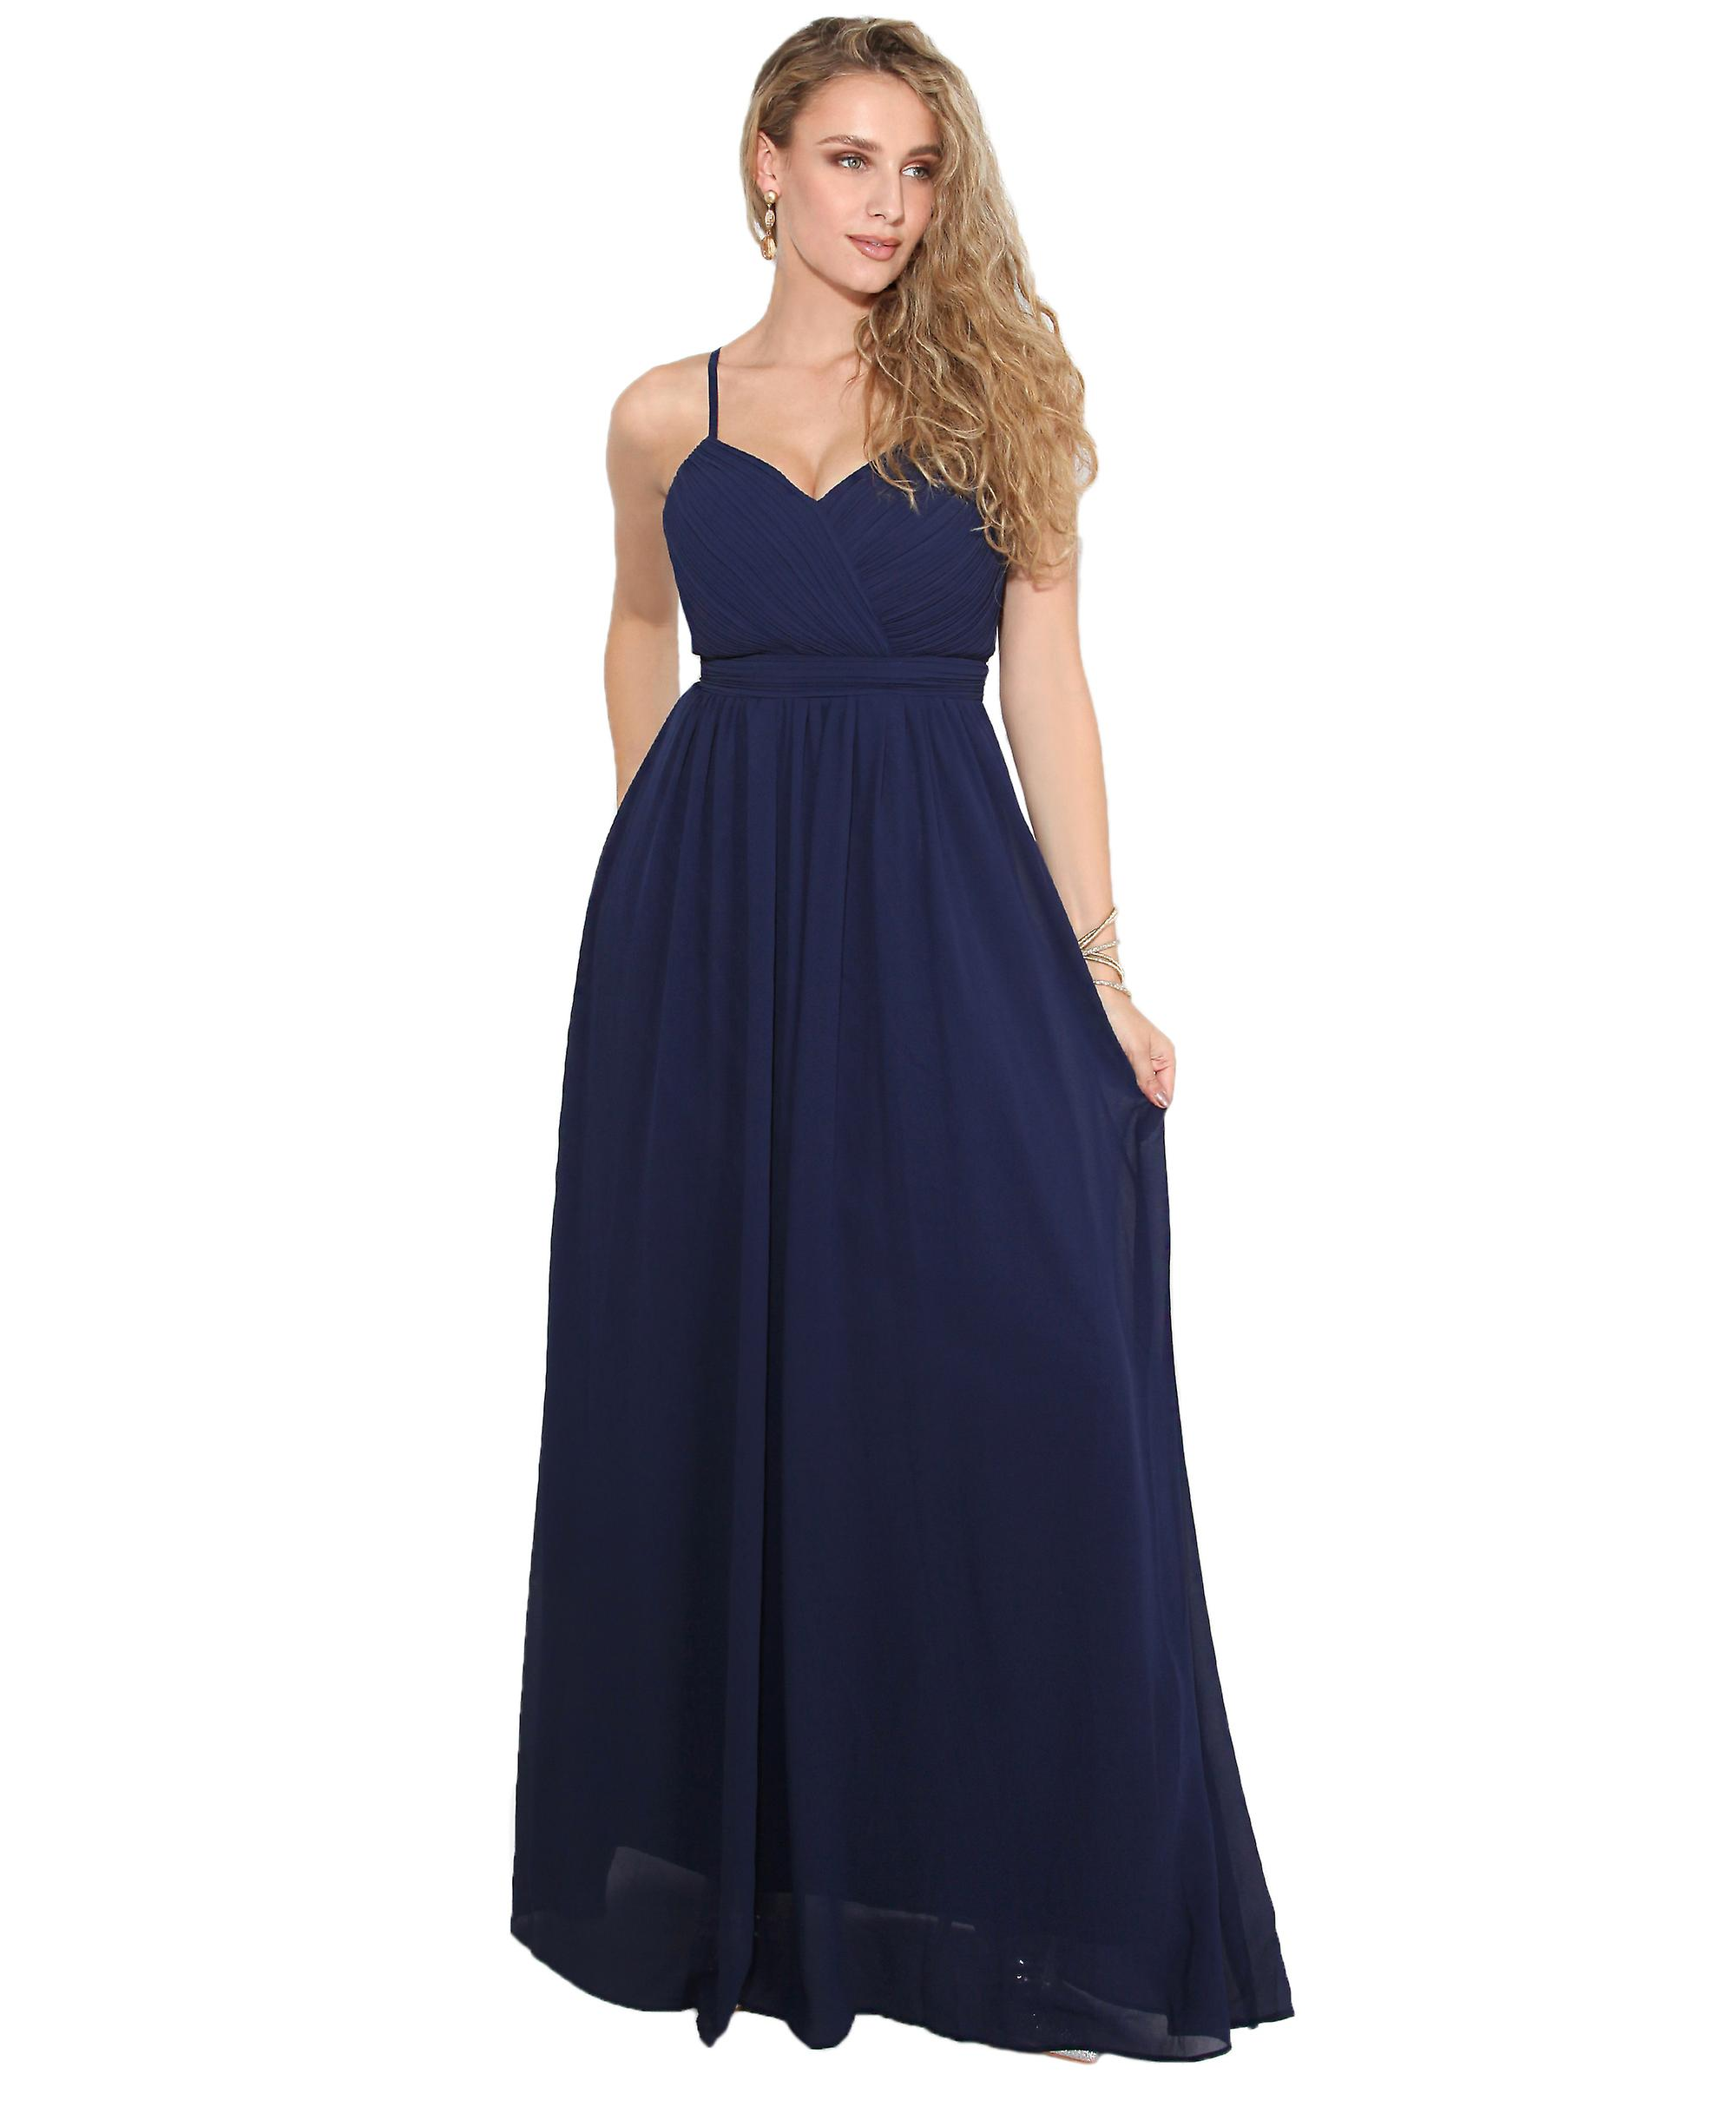 12 Midnight : kjole nettbutikk, kjoler til fest, maxi kjoler